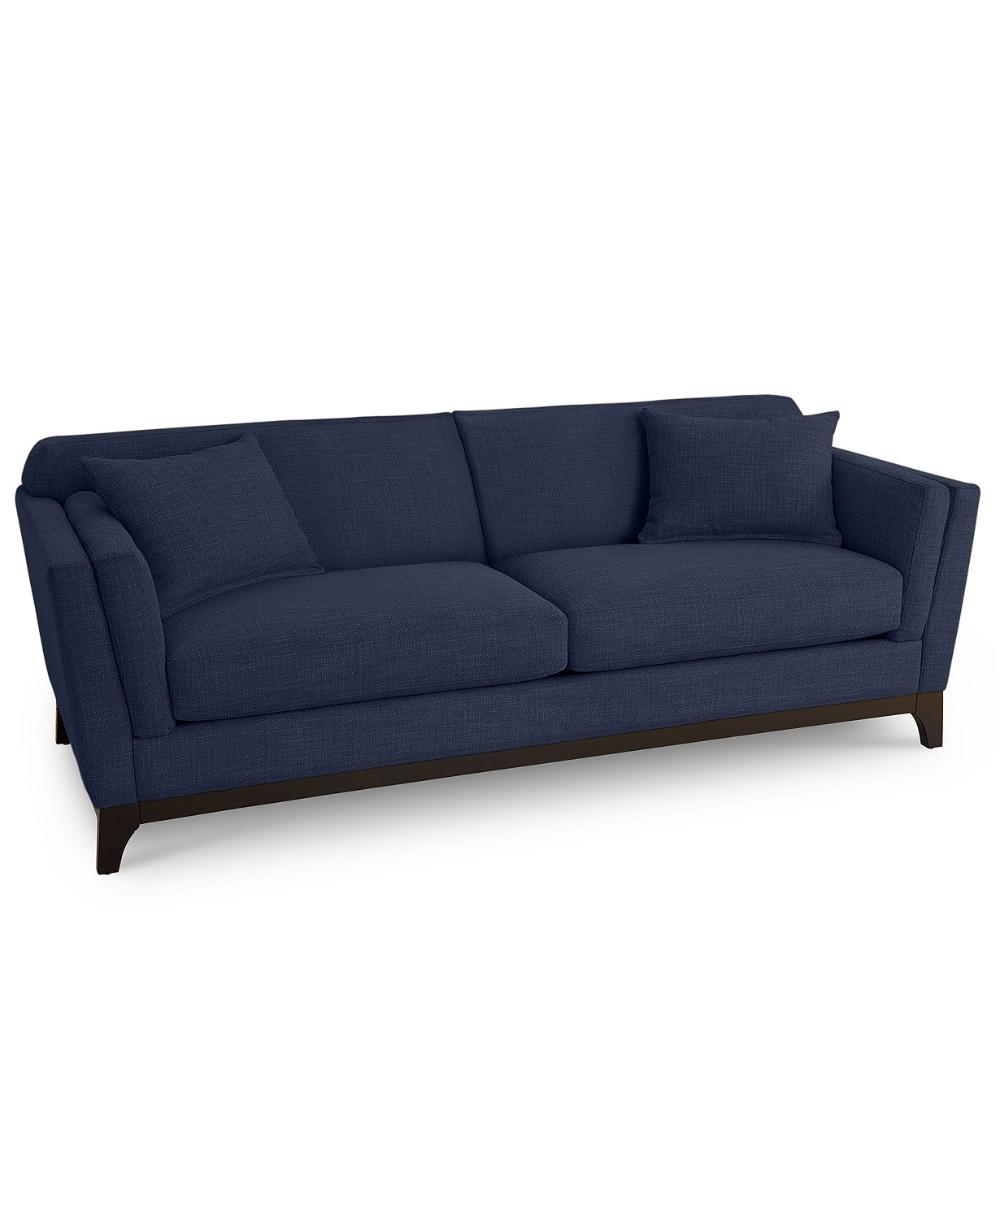 Furniture Cistella 86 In 2020 Blue Fabric Sofa Fabric Sofa Furniture